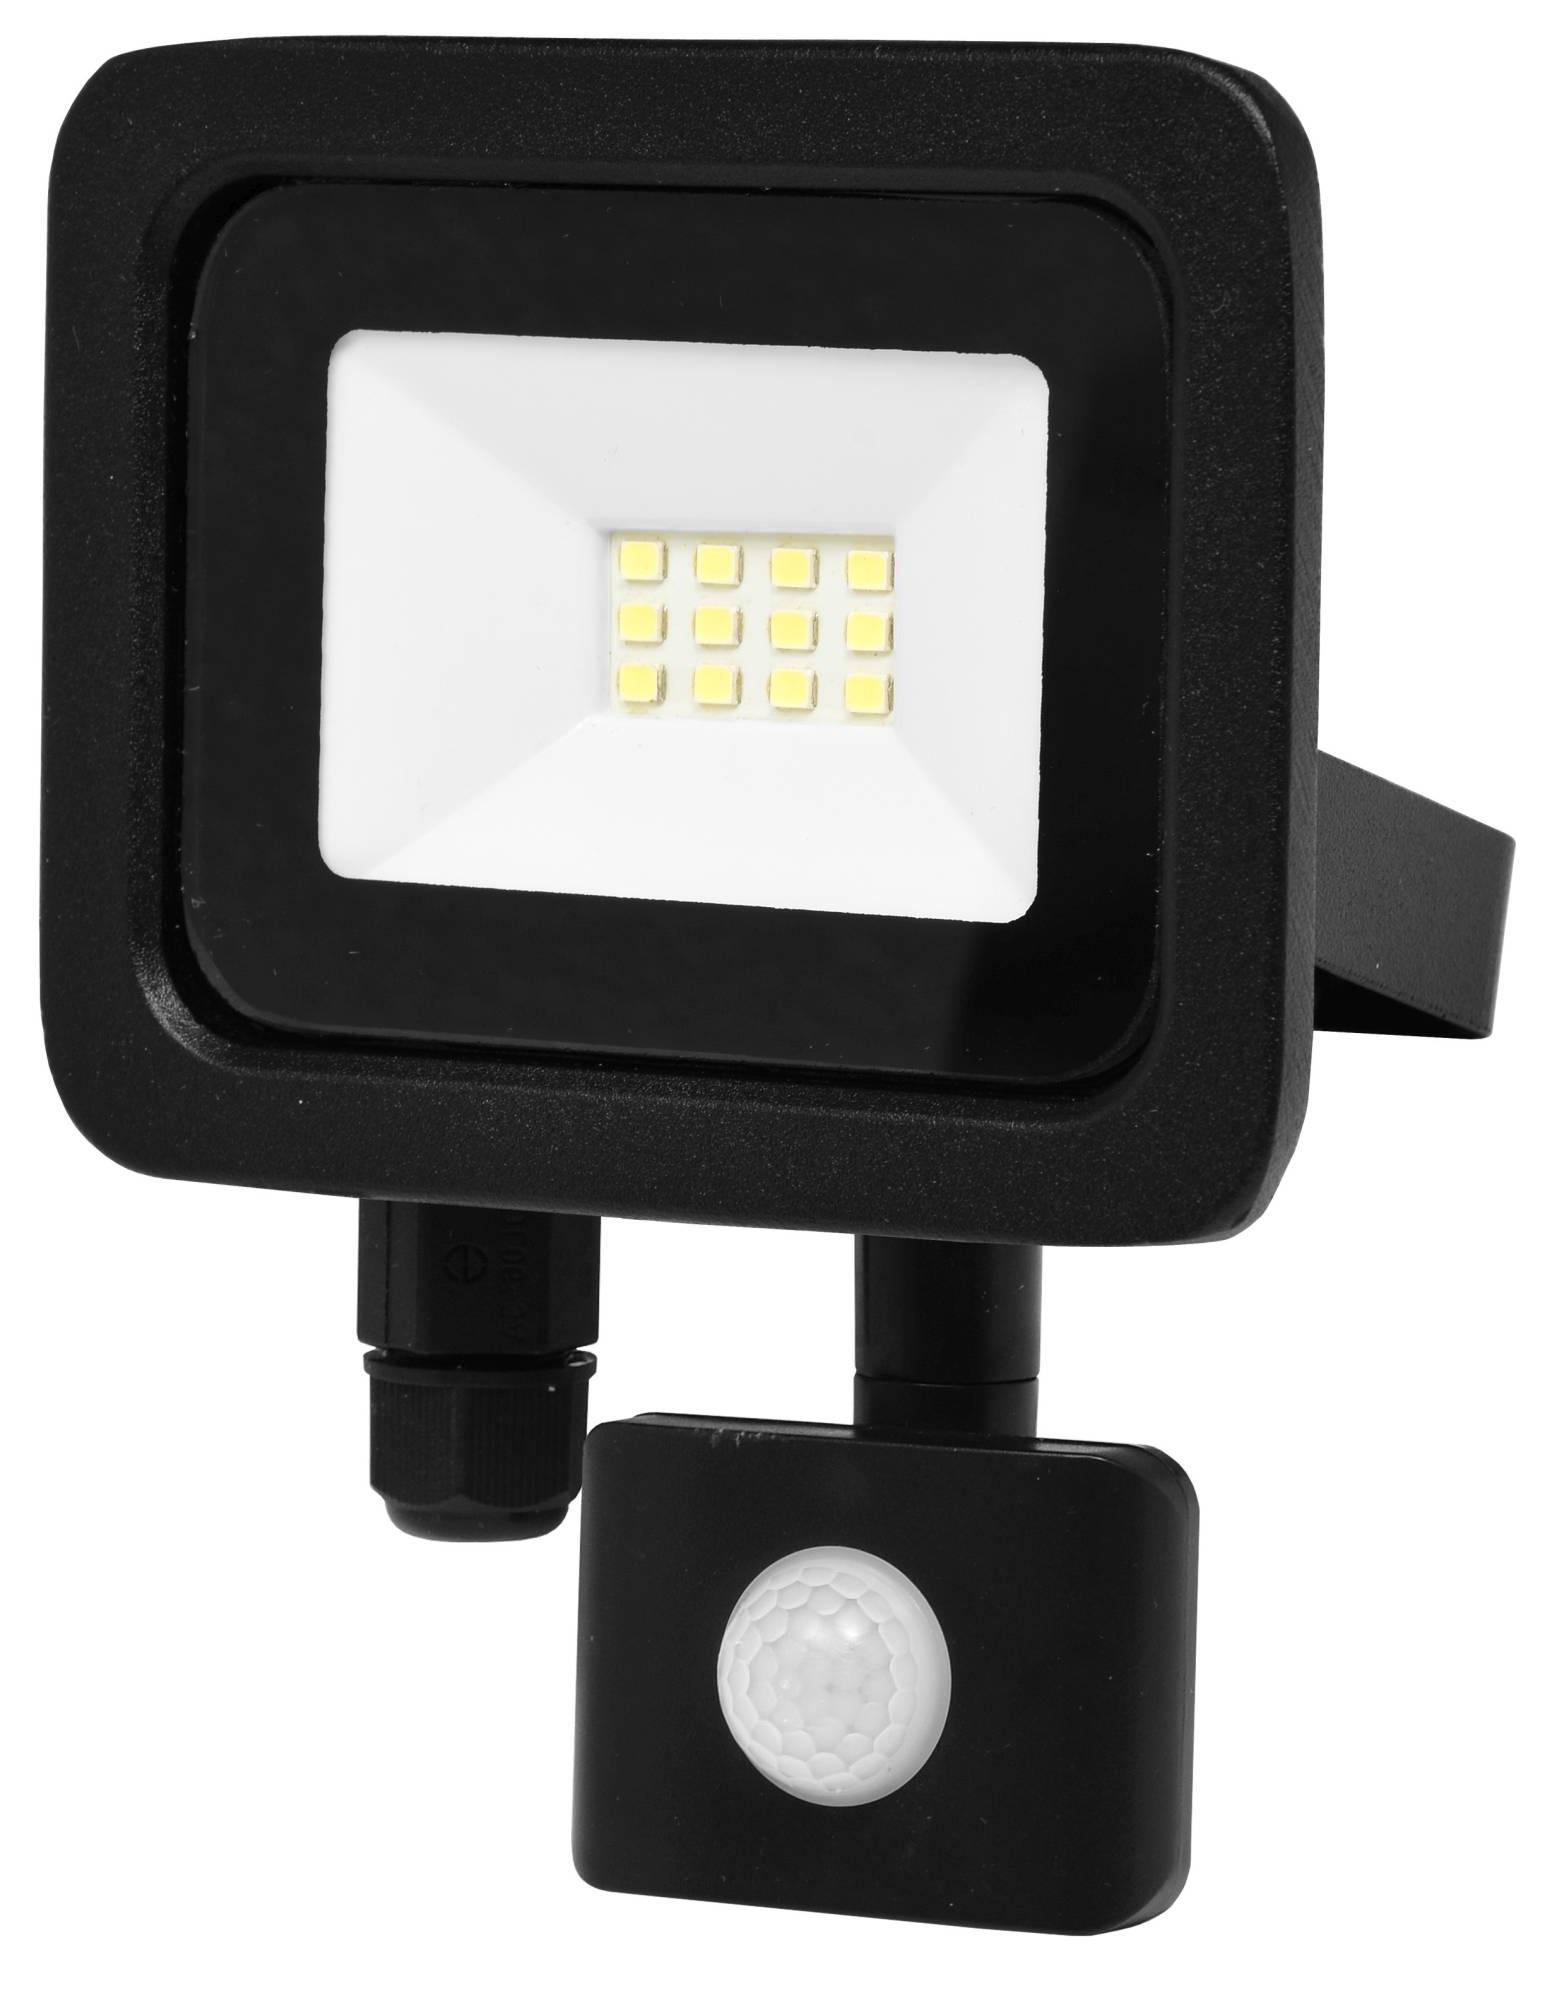 Ecolite Černý LED reflektor 10W SMD s pohybovým čidlem